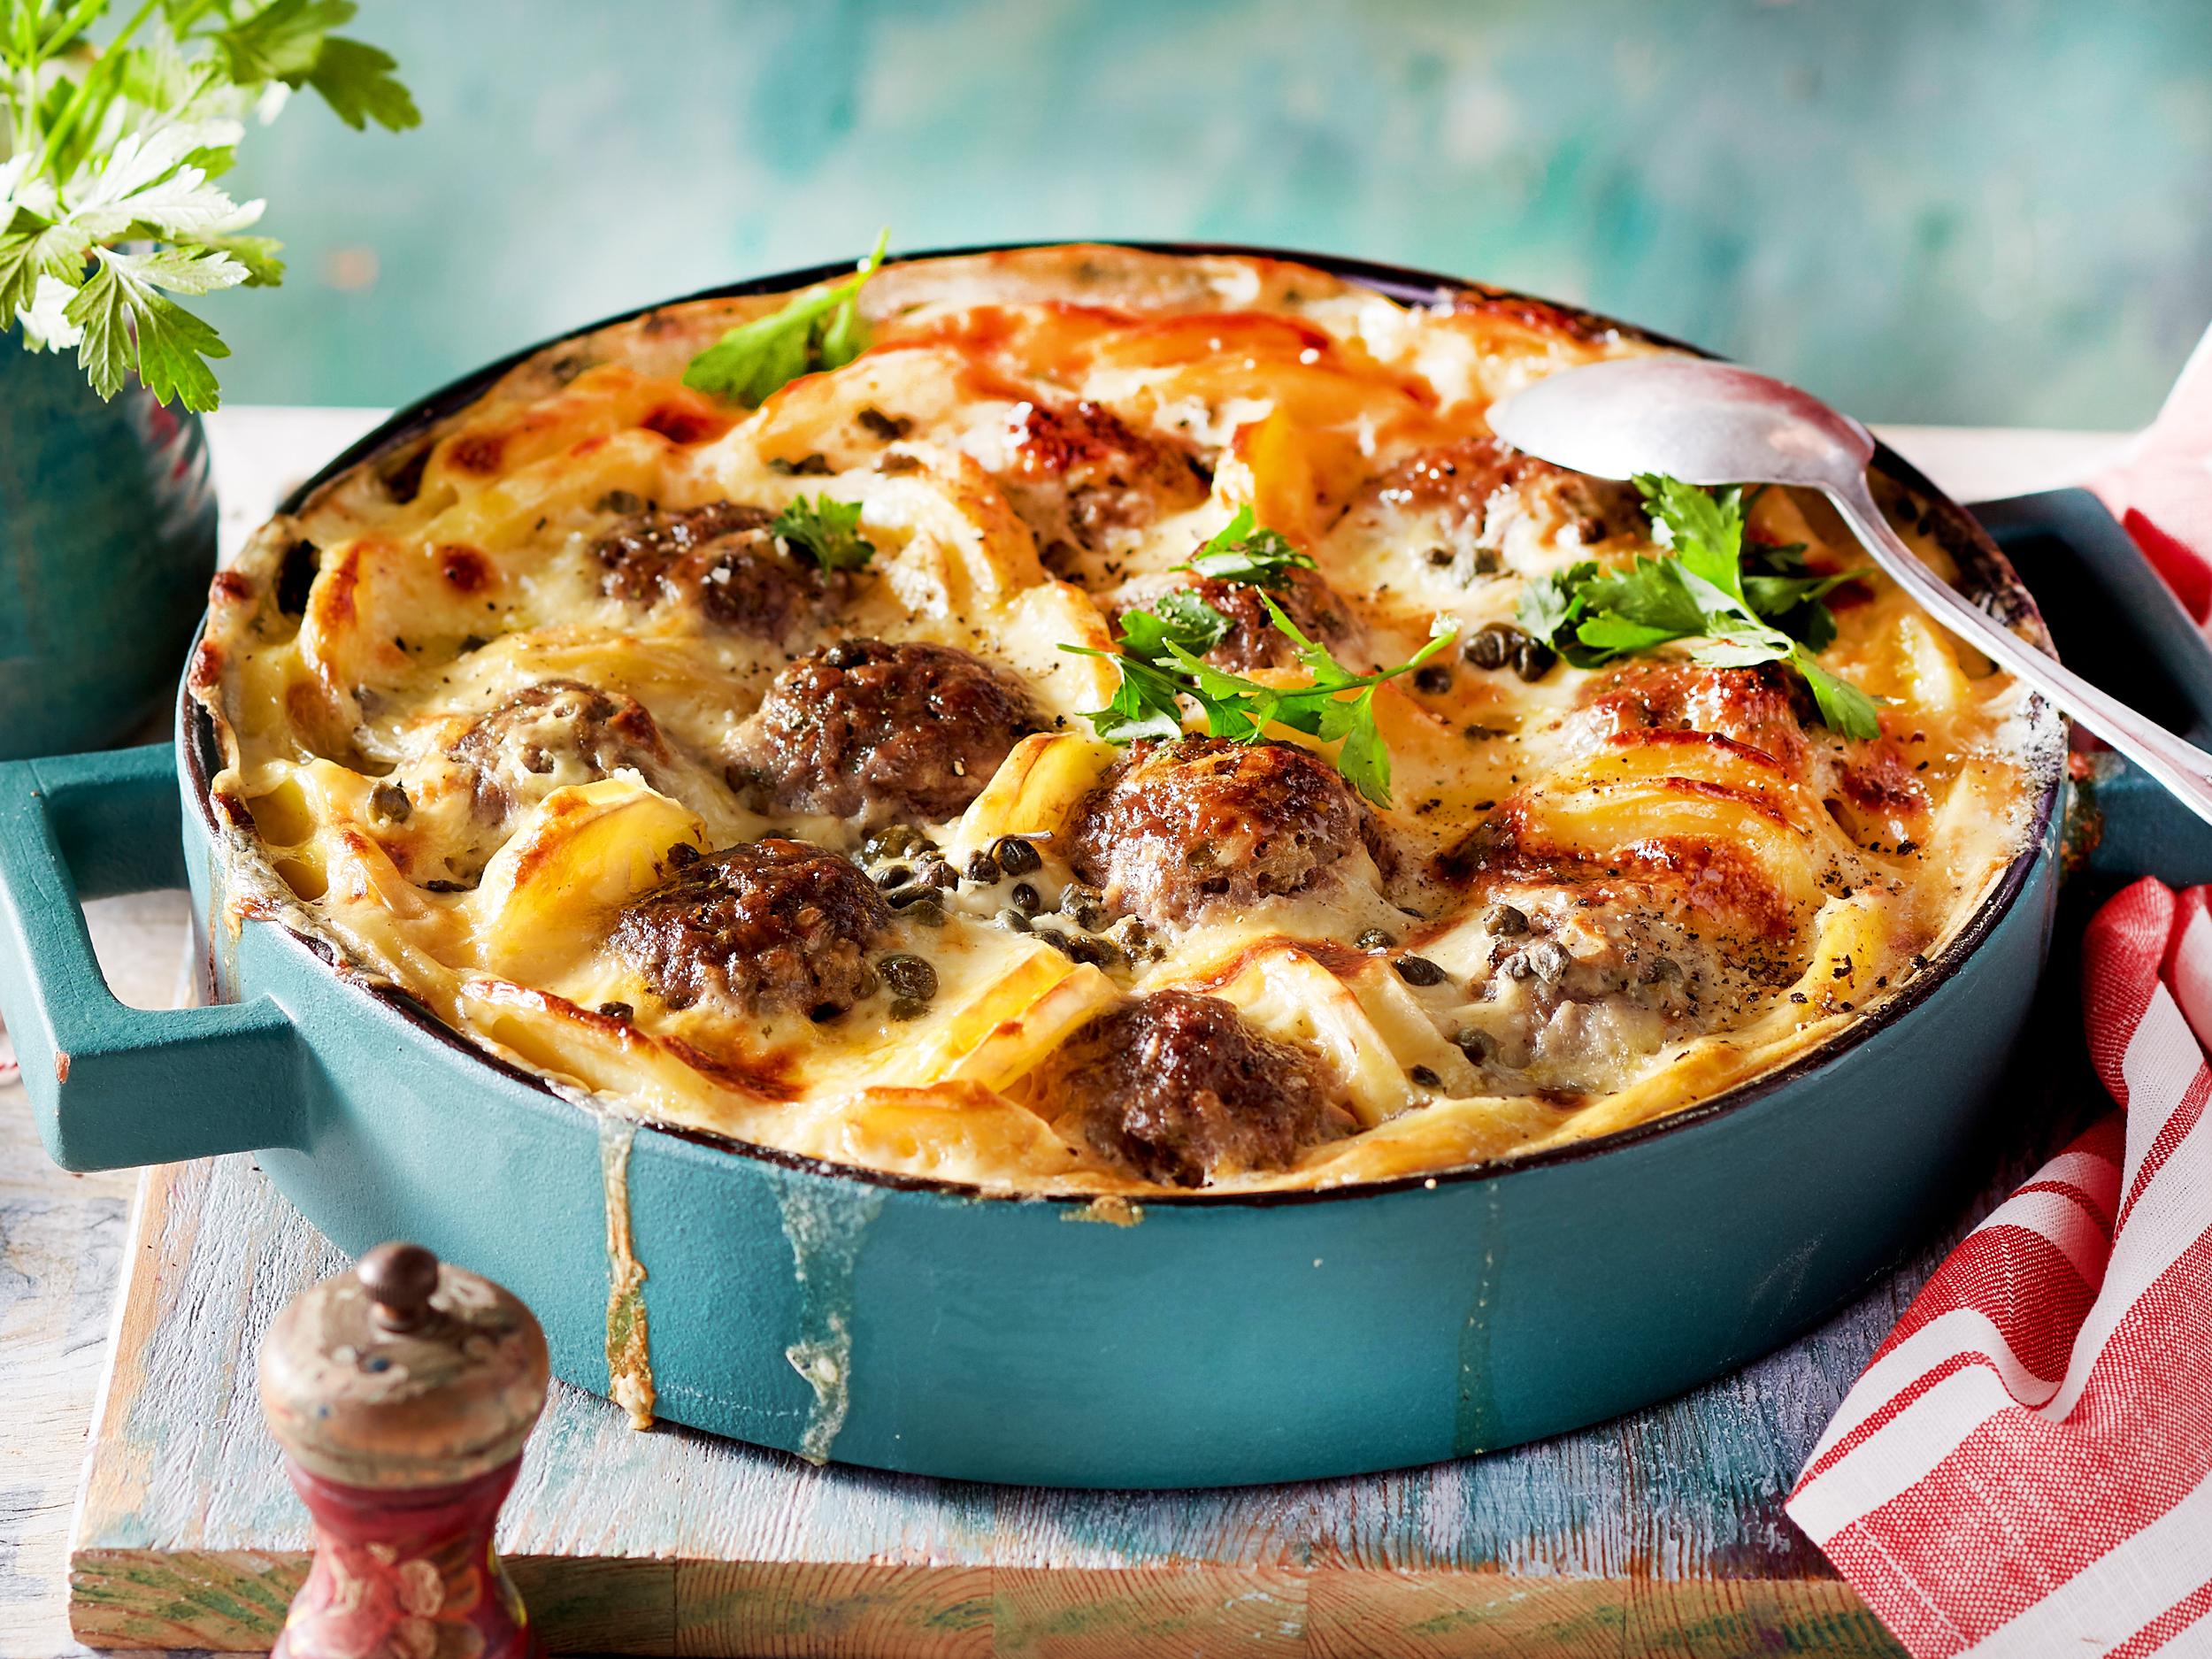 Fleischgerichte Aus Dem Ofen - Die Besten Rezepte   Lecker für Leckere Pfannengerichte Mit Fleisch